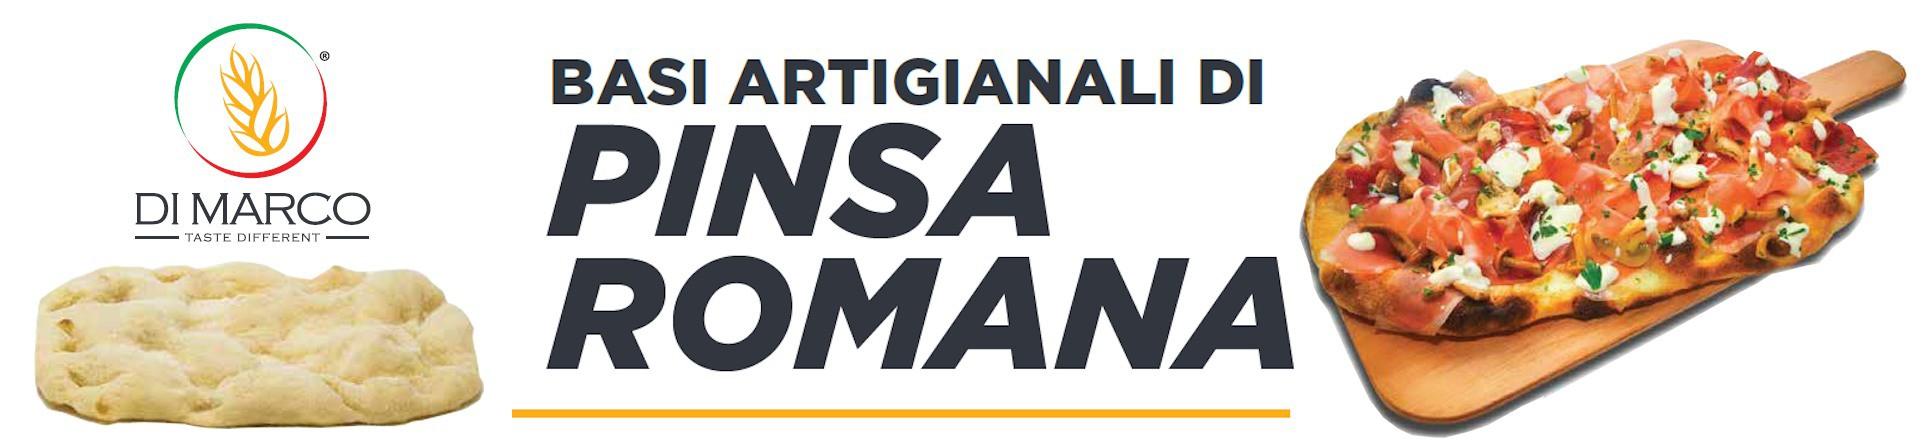 B2B GUSTOX - il Marketplace all'ingrosso delle eccellenze agroalimetari italiane - PINSA ROMANA - DI MARCO